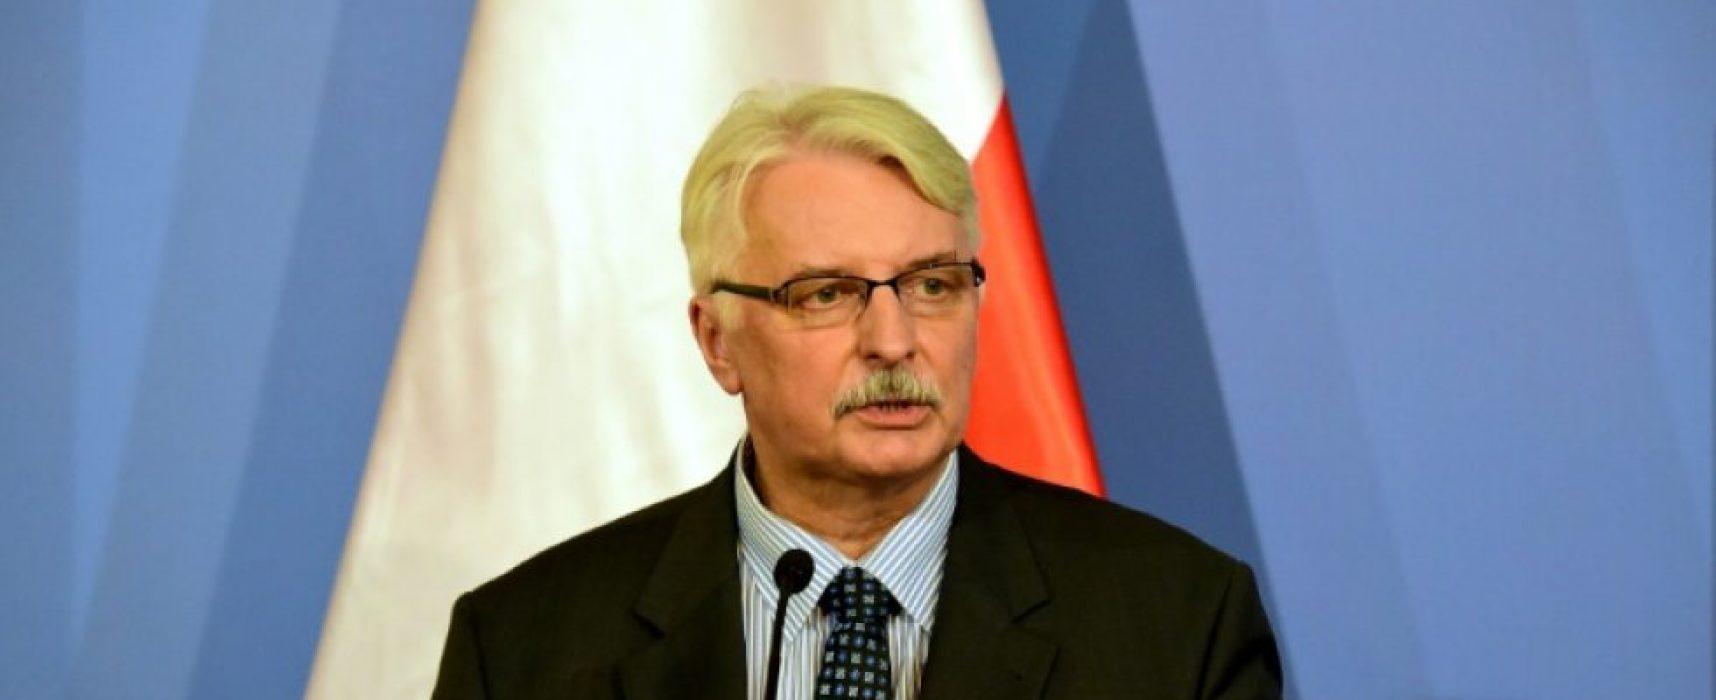 La Russie plus dangereuse que l'EI, assure le chef de la diplomatie polonaise